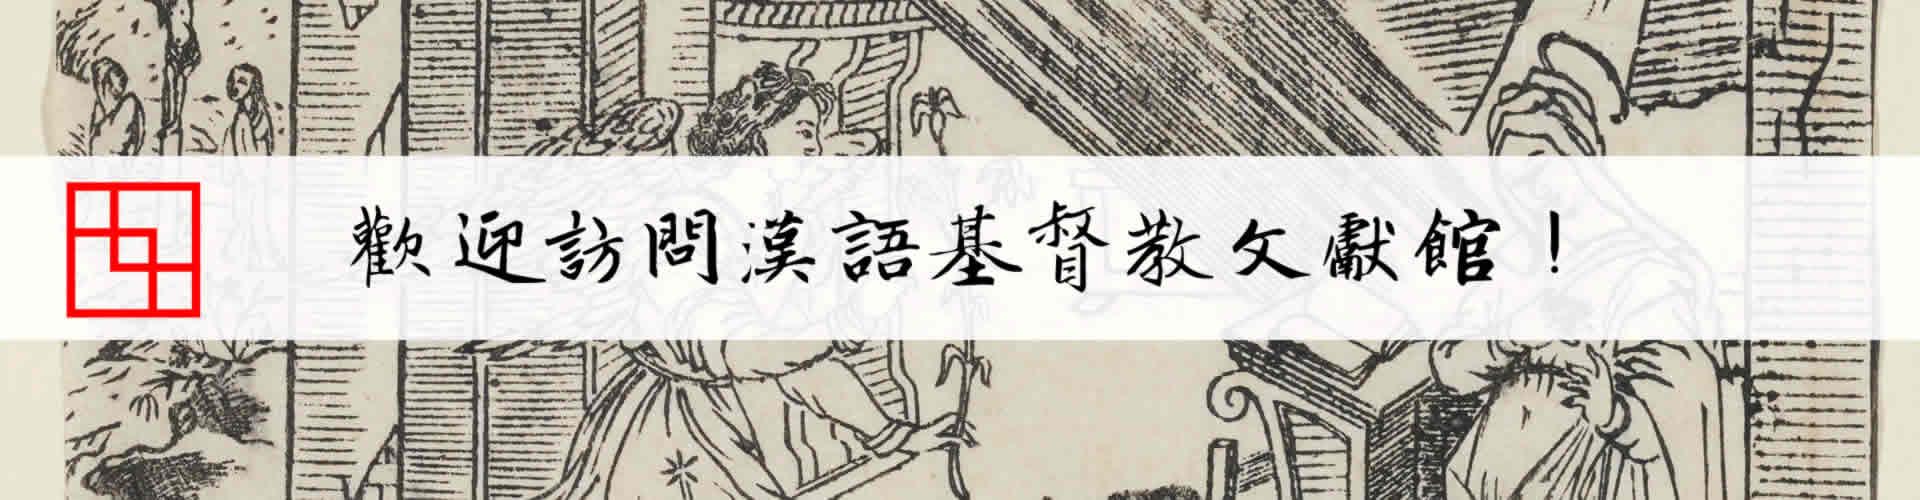 汉语基督教文献馆